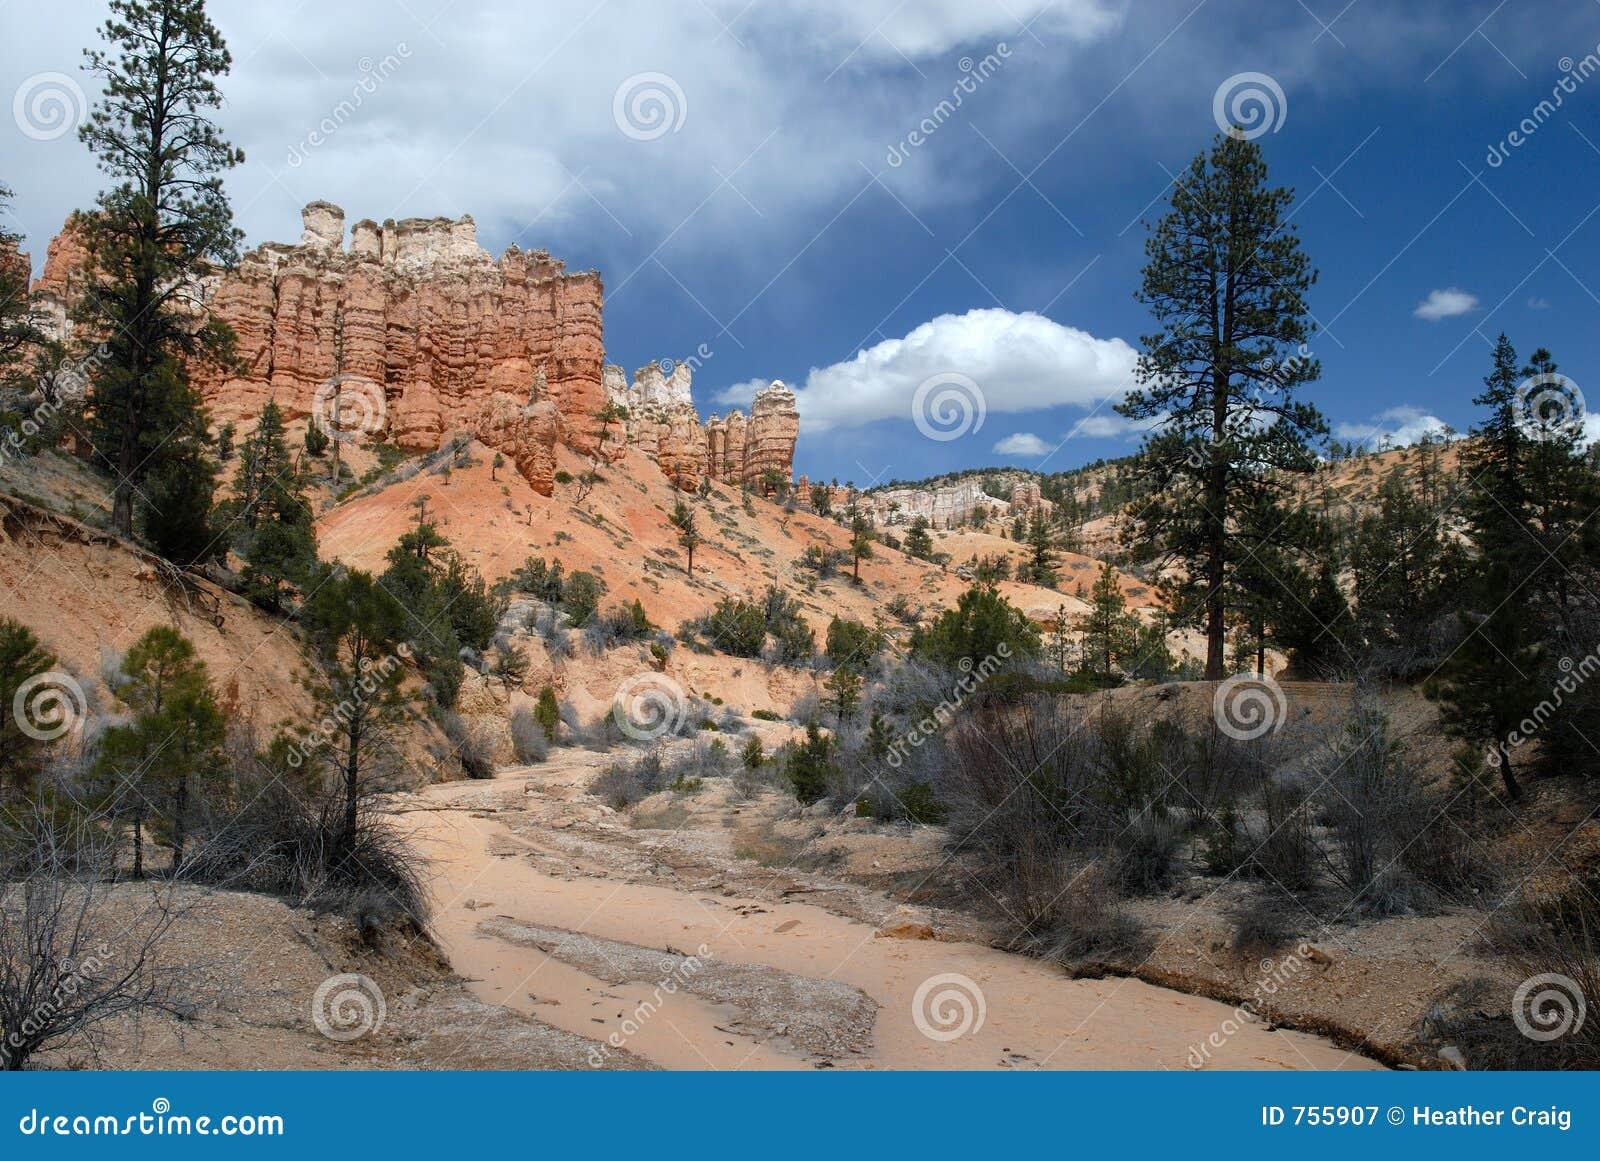 De Rivier van de woestijn en Rode Rotsen: Landschap